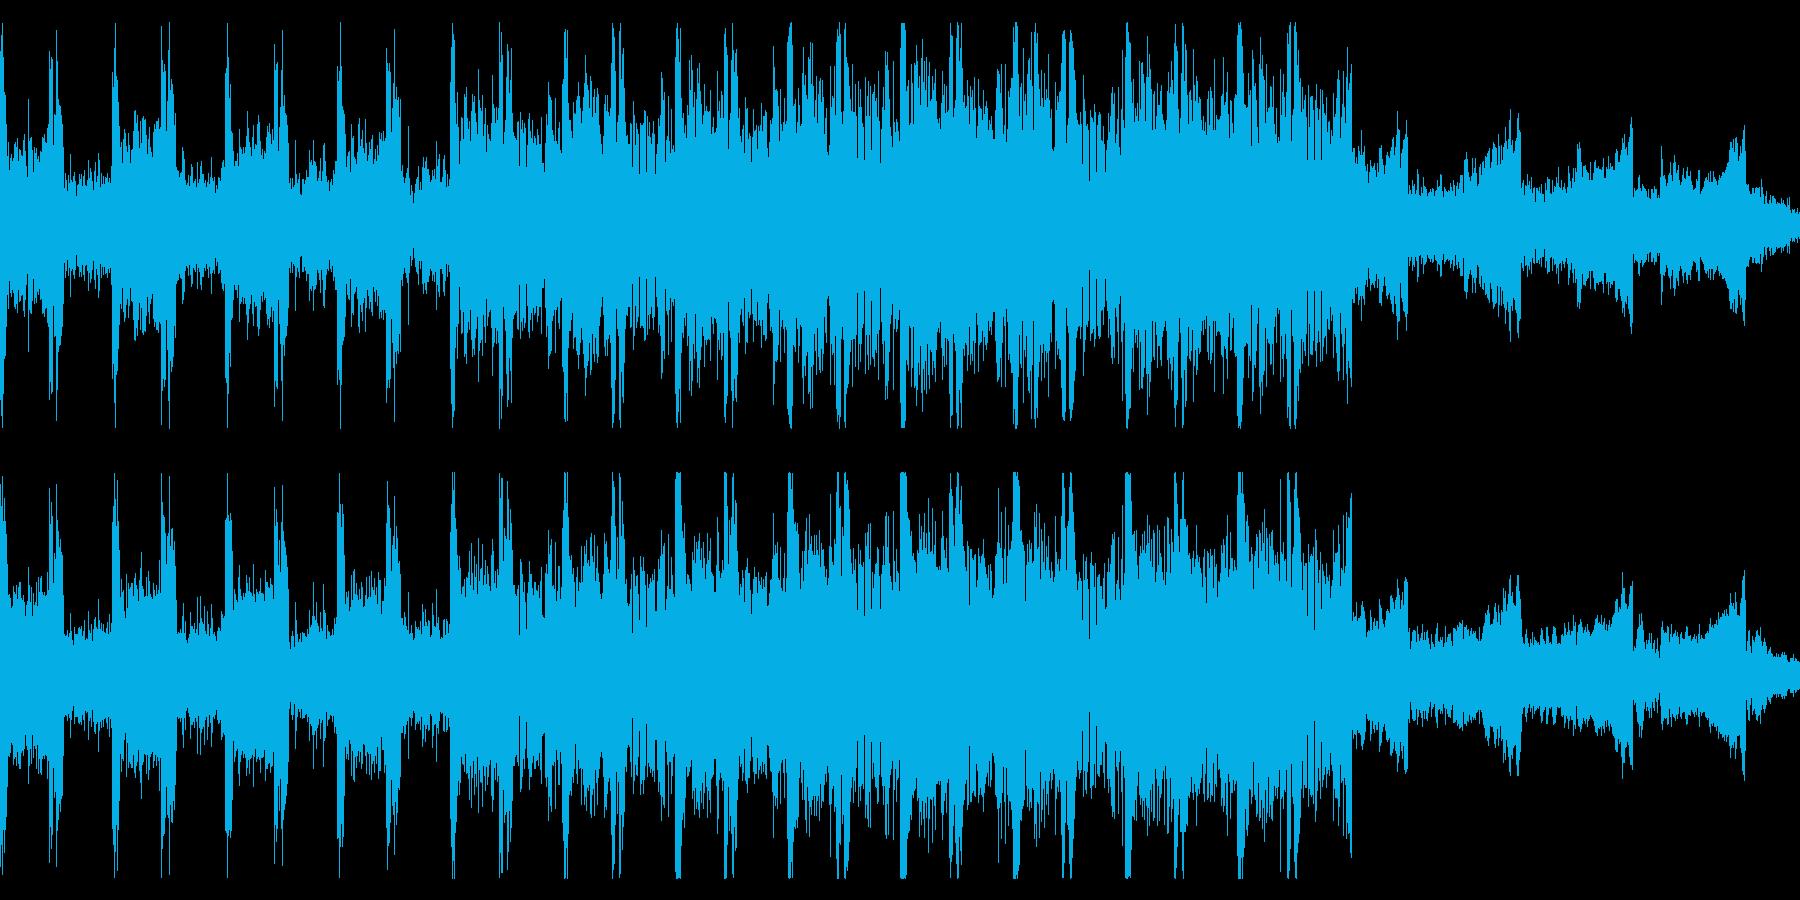 シリアスや不穏な雰囲気のループBGMの再生済みの波形